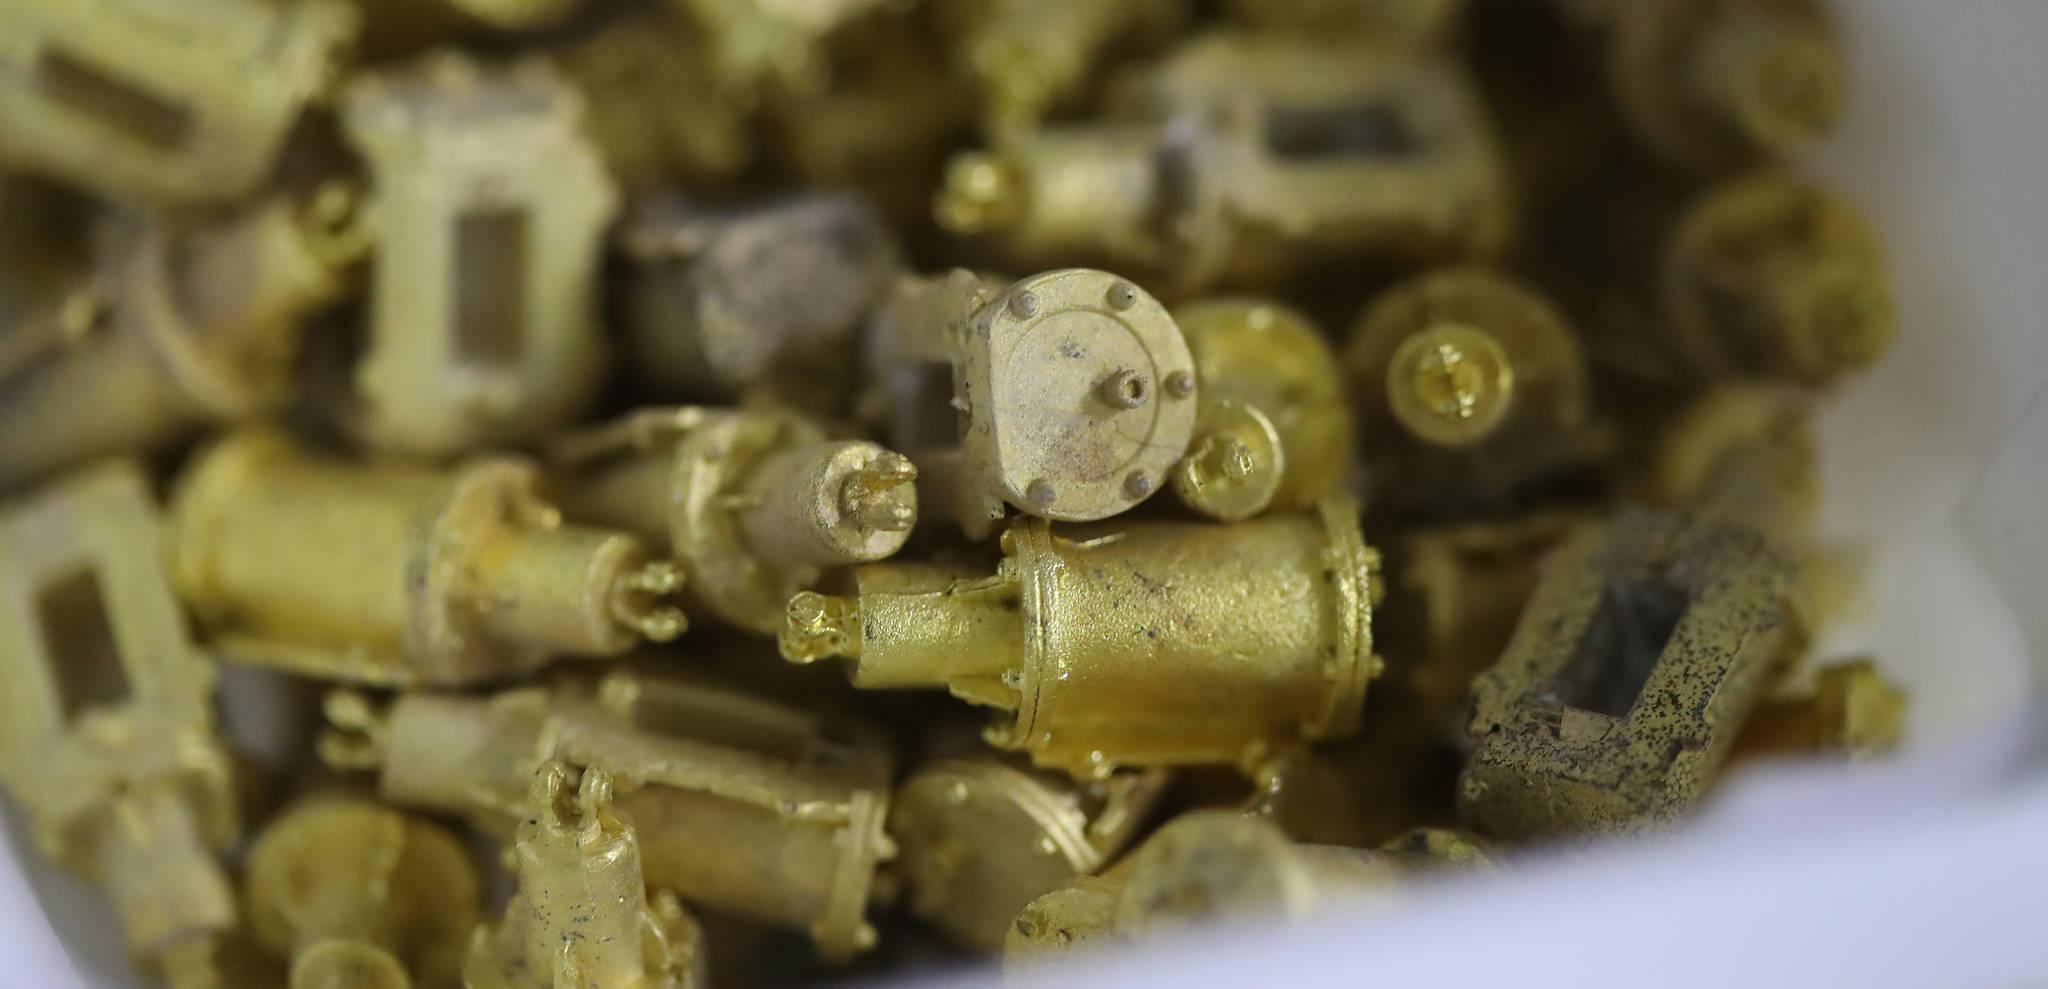 작업실에서 제작한 브레이크 실린더 모형. 한번에 100여개 가량 제작한다. 우상조 기자